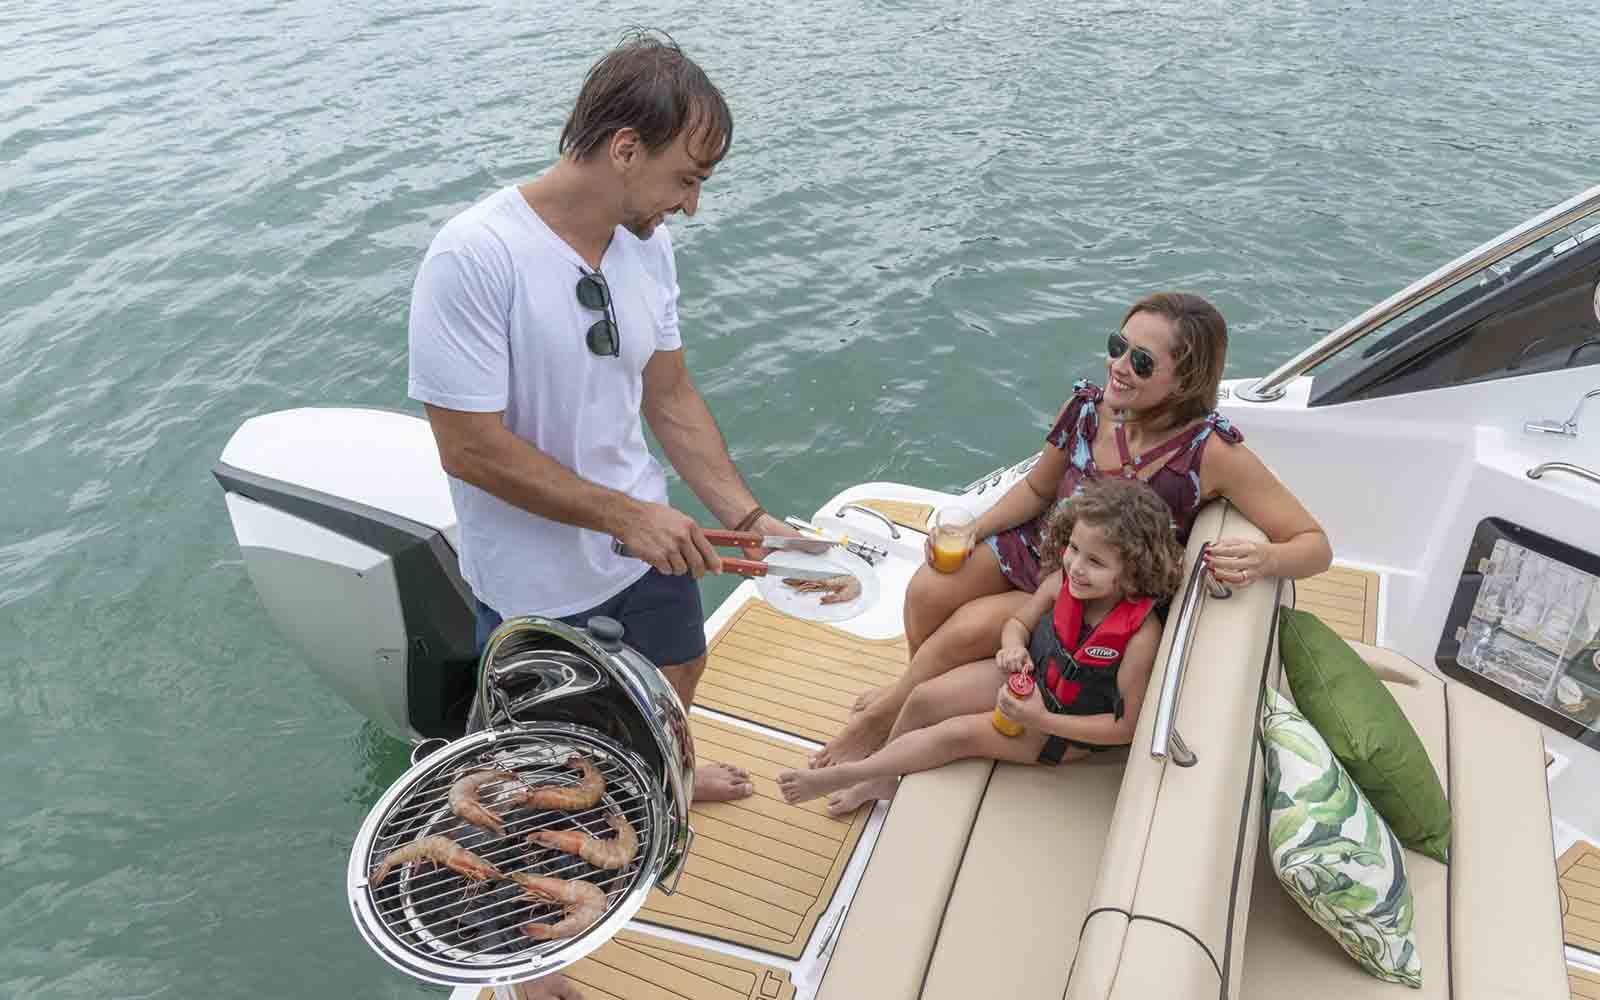 focker 242 outboard motor de popa - boat shopping 2